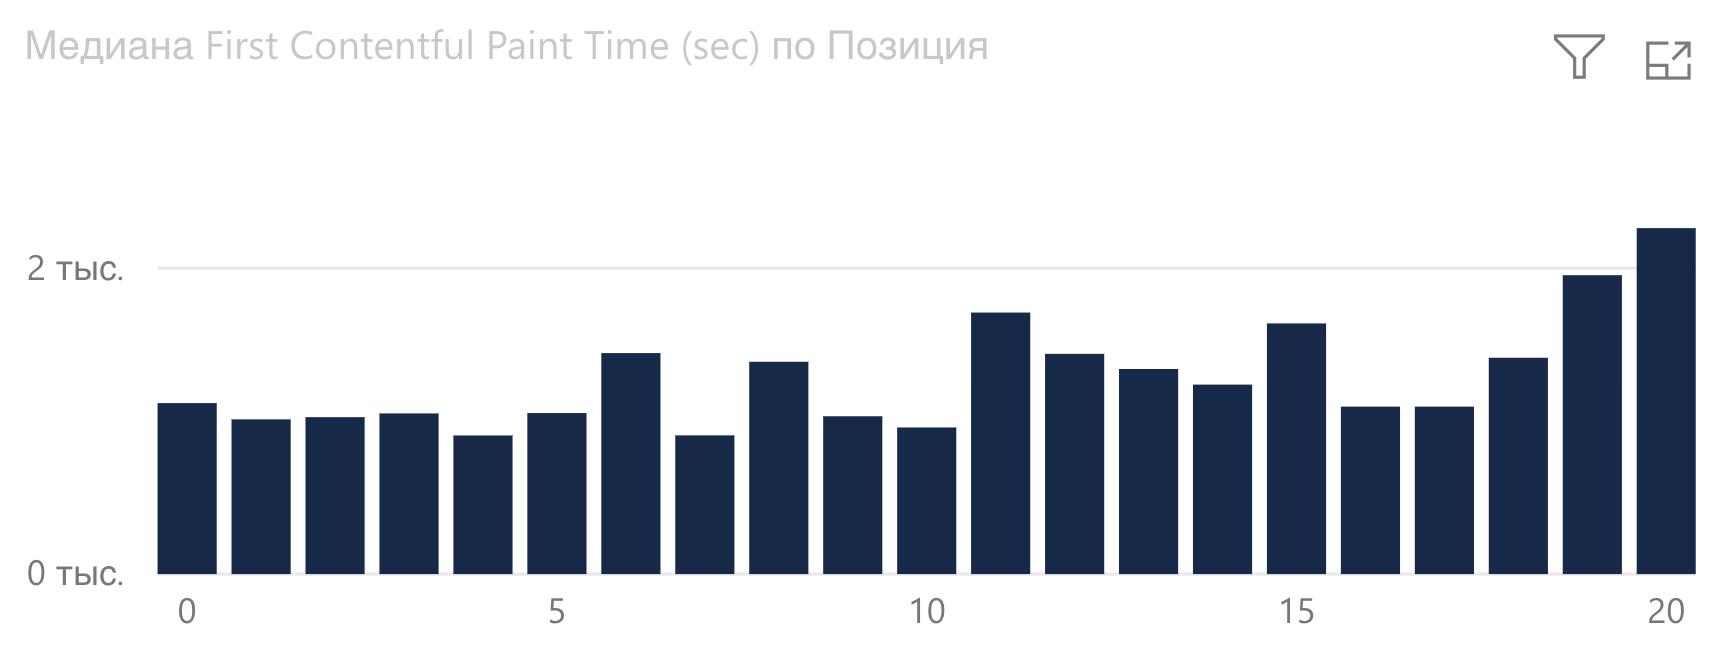 График зависимости First Contentful Paint от позиции Google в автомобильной сфере.